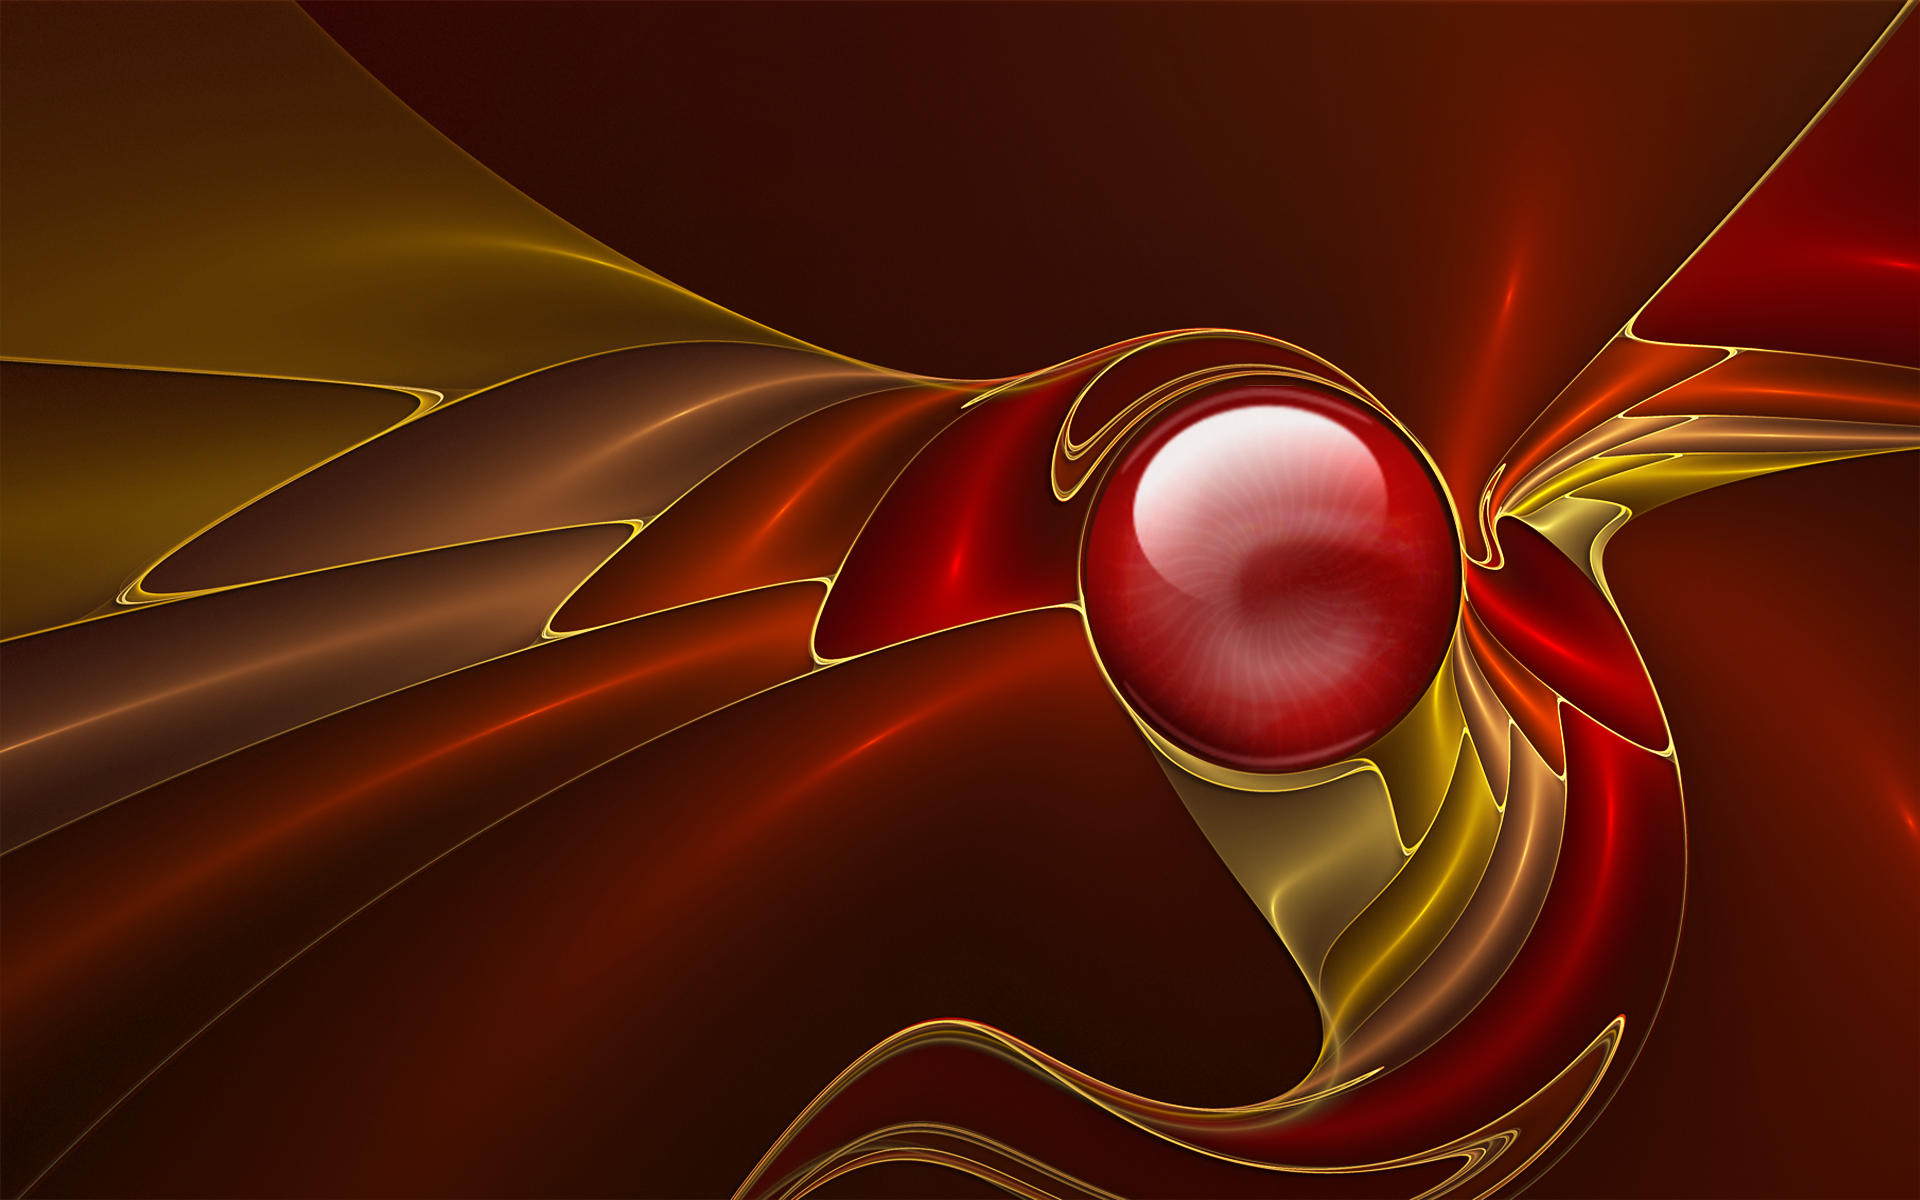 Red Snazz by Frankief